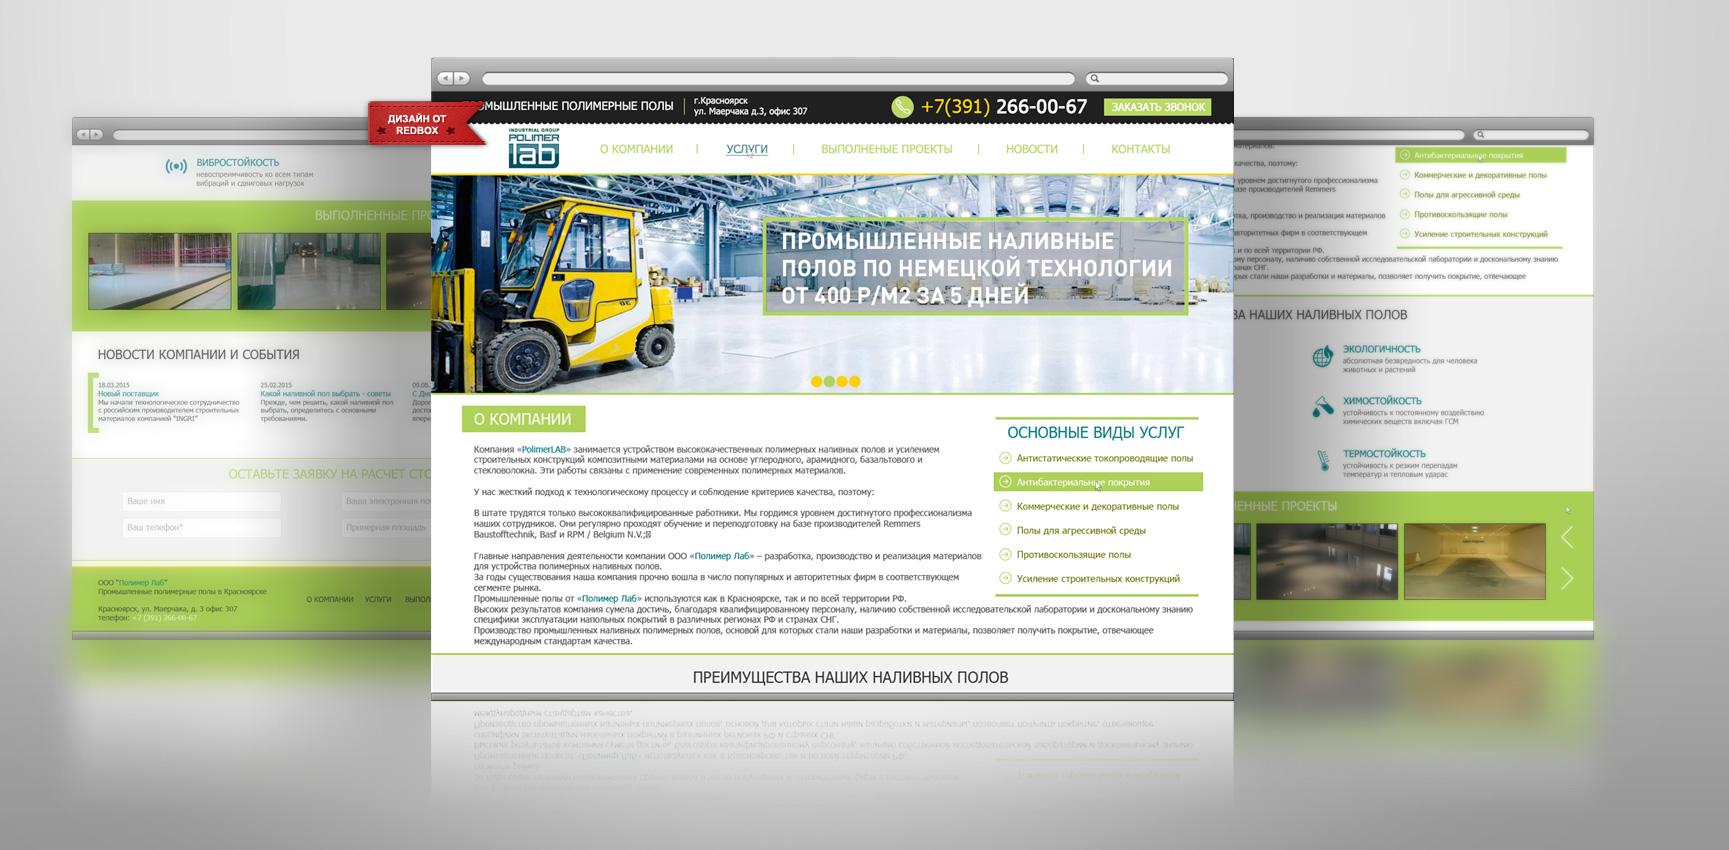 Сайт компании по продаже промышленных наливных полов